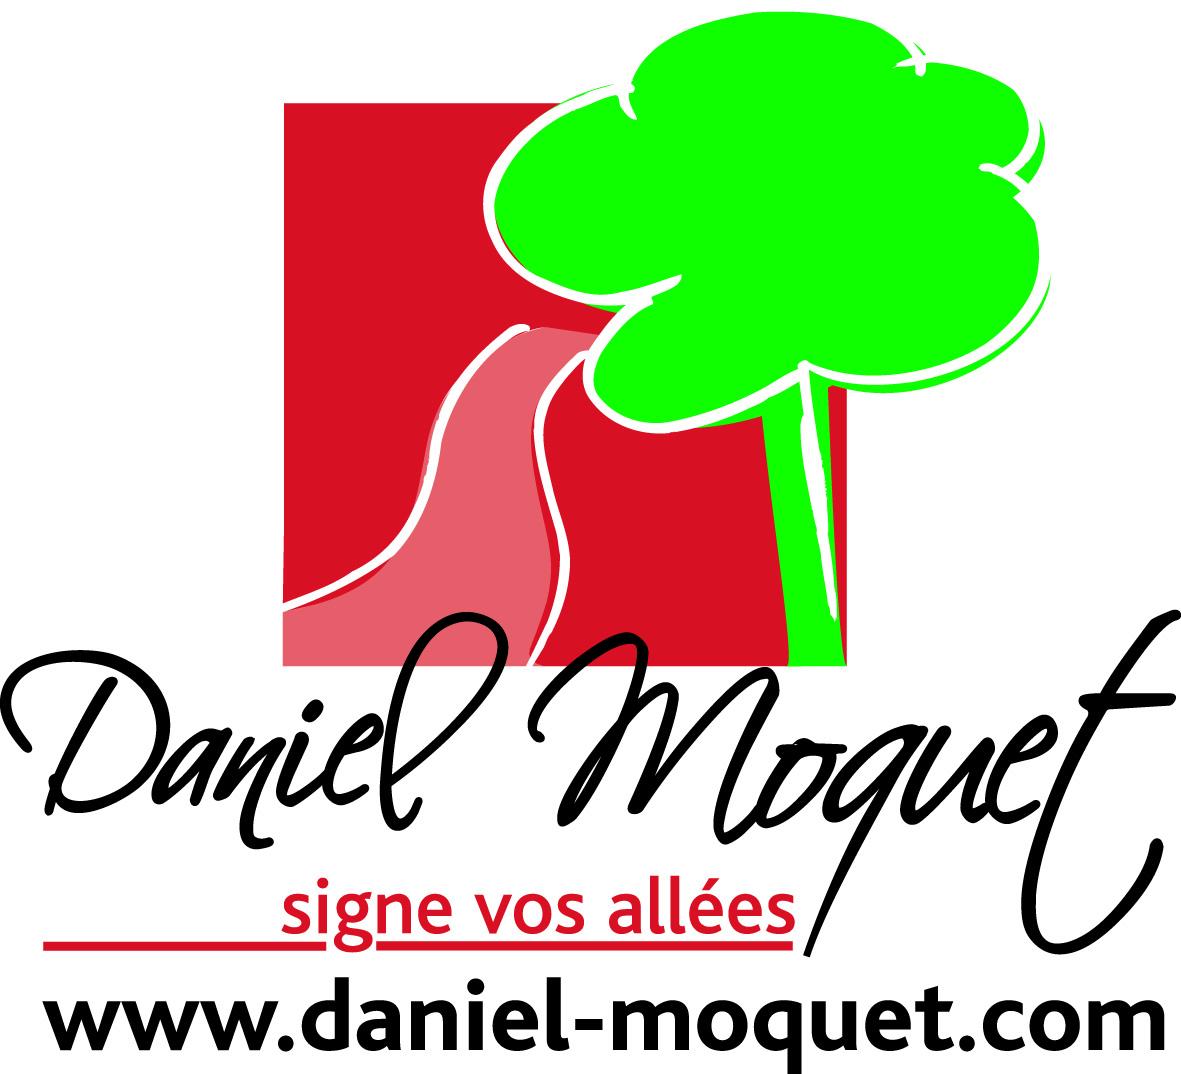 Daniel Moquet signe vos allées - Ent. Lefranc